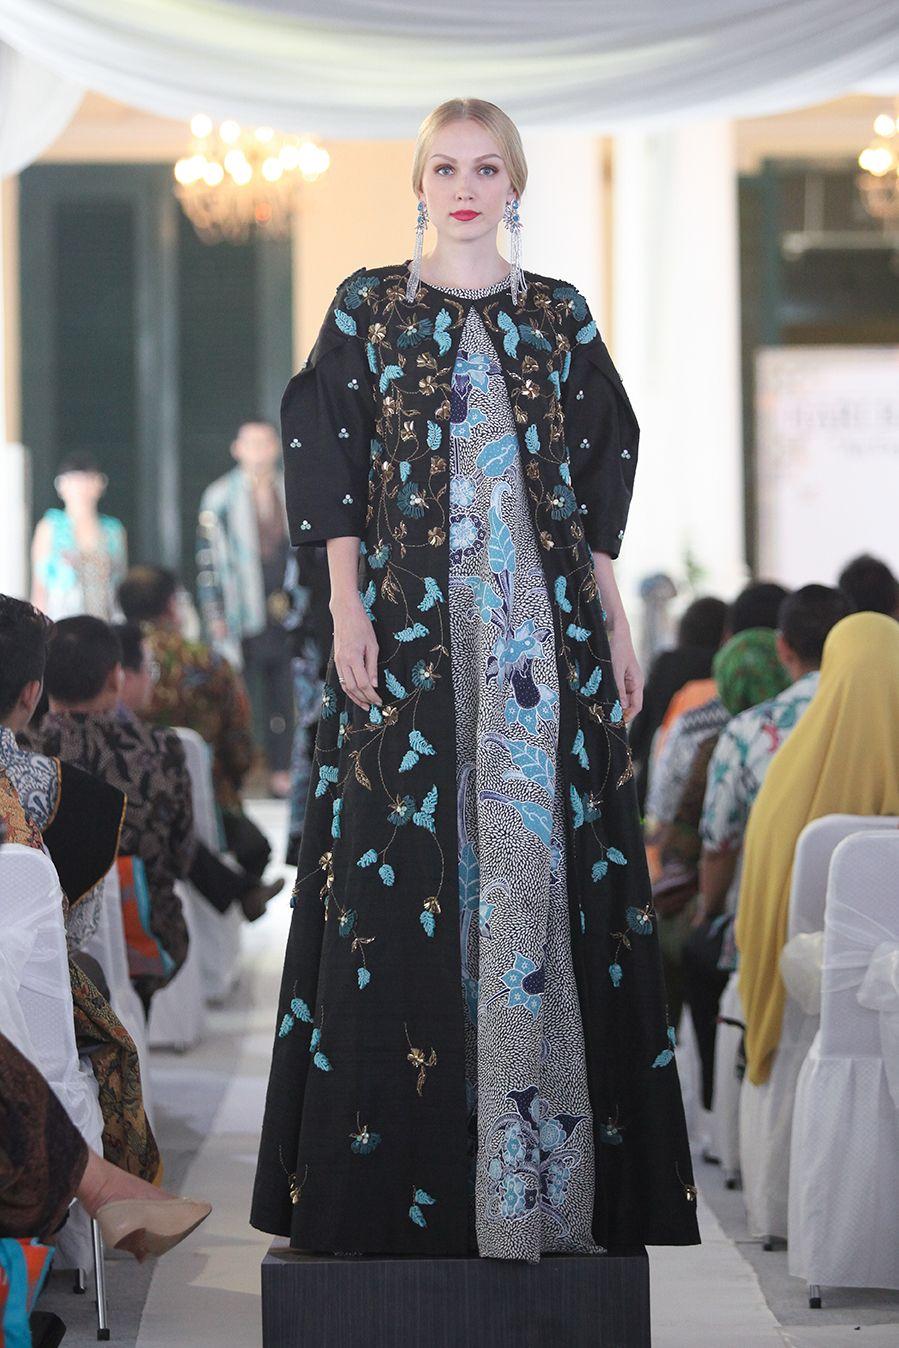 Perayaan Hari Batik Nasional Digelar Meriah Oleh 3 Desainer Ternama